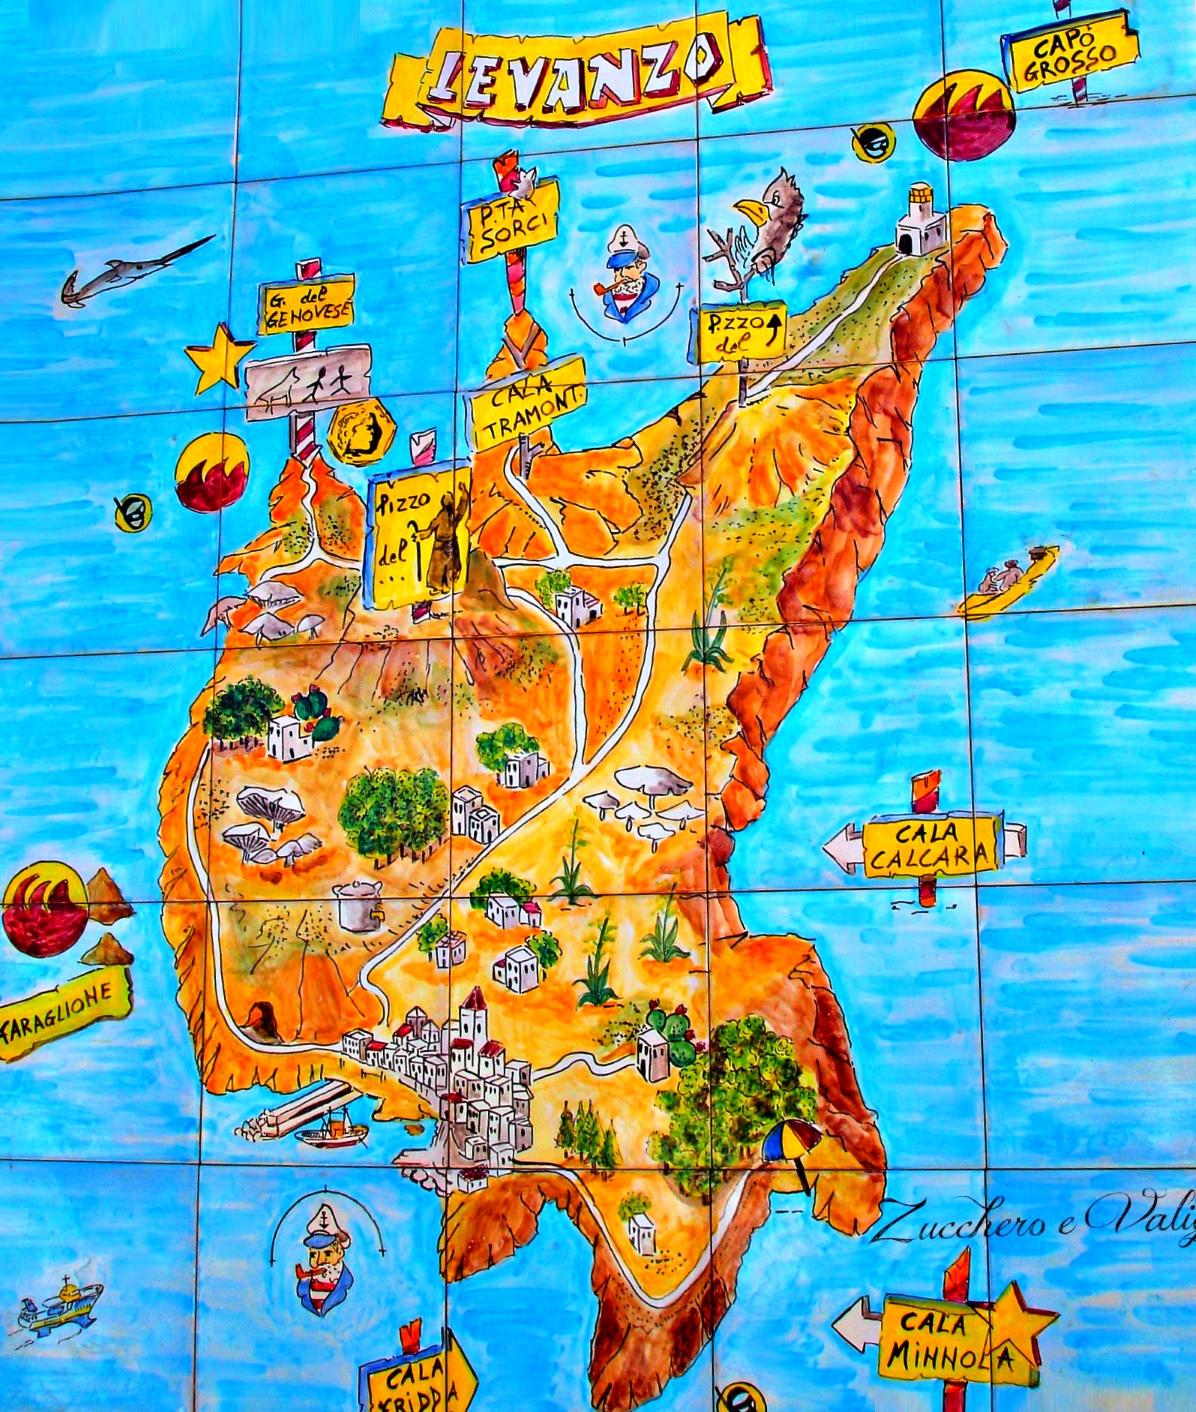 Levanzo Maps Italy Maps of Levanzo Island